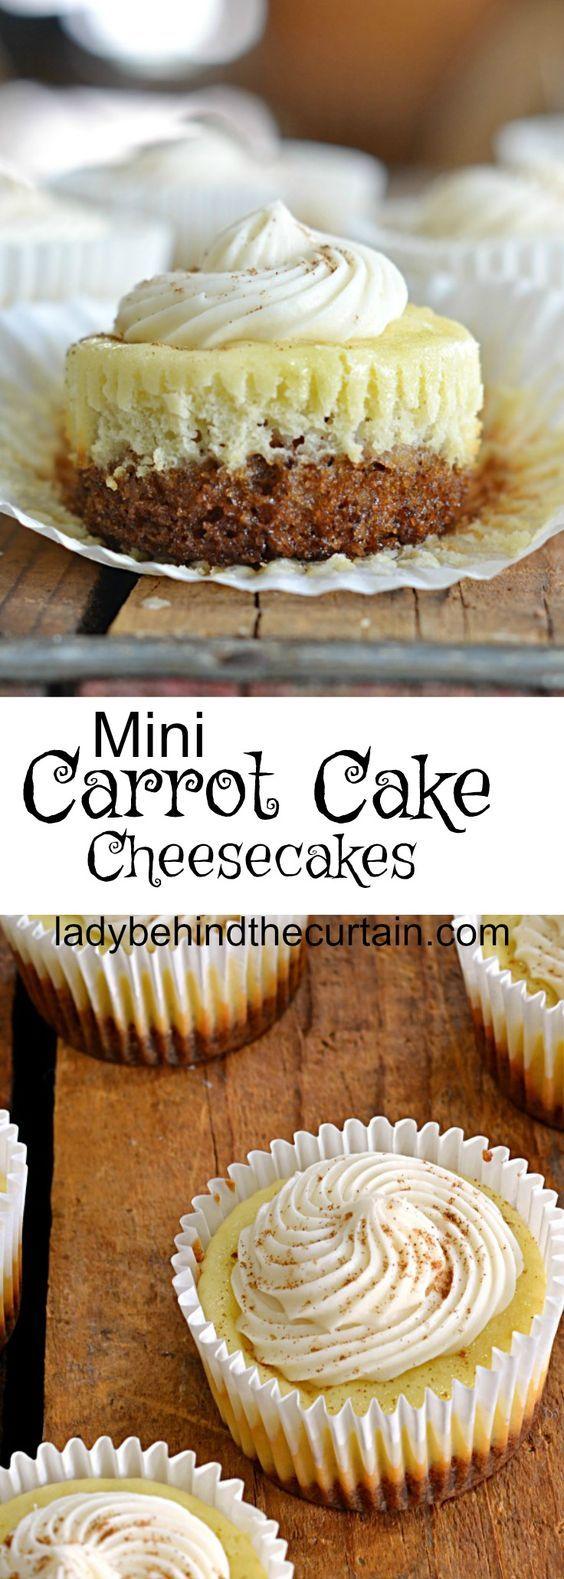 Mini Carrot Cake Cheesecakes | carrot cake, cheesecake, easter dessert, baby shower dessert, bridal shower dessert, easy cheesecake recipe